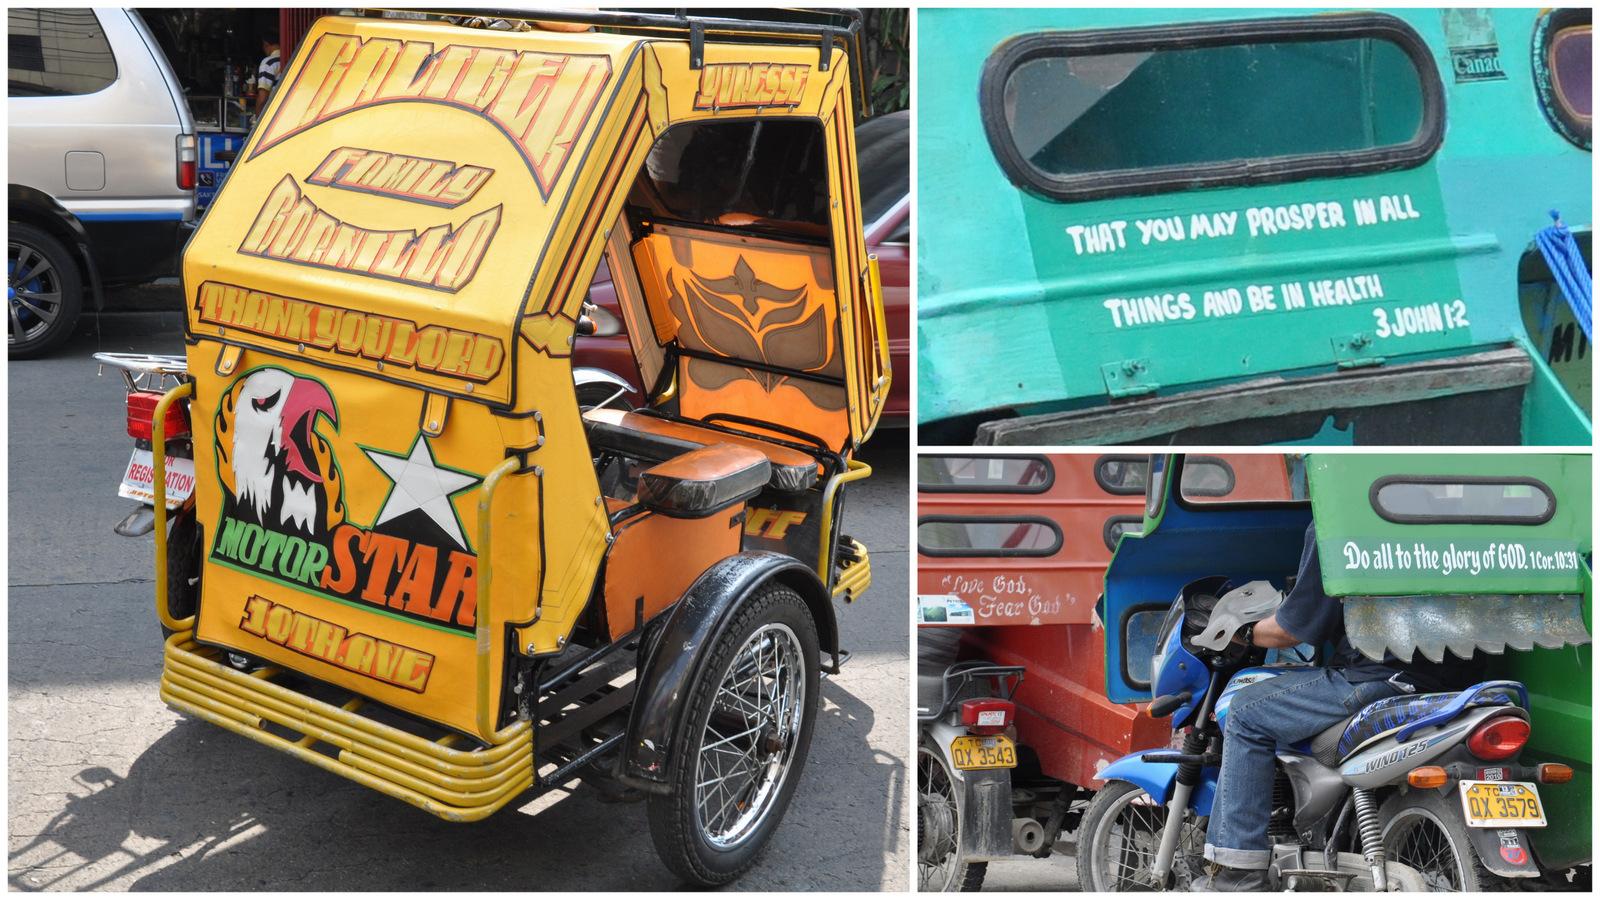 Des slogans religieux à l'arrière des motos taxis des Philippines